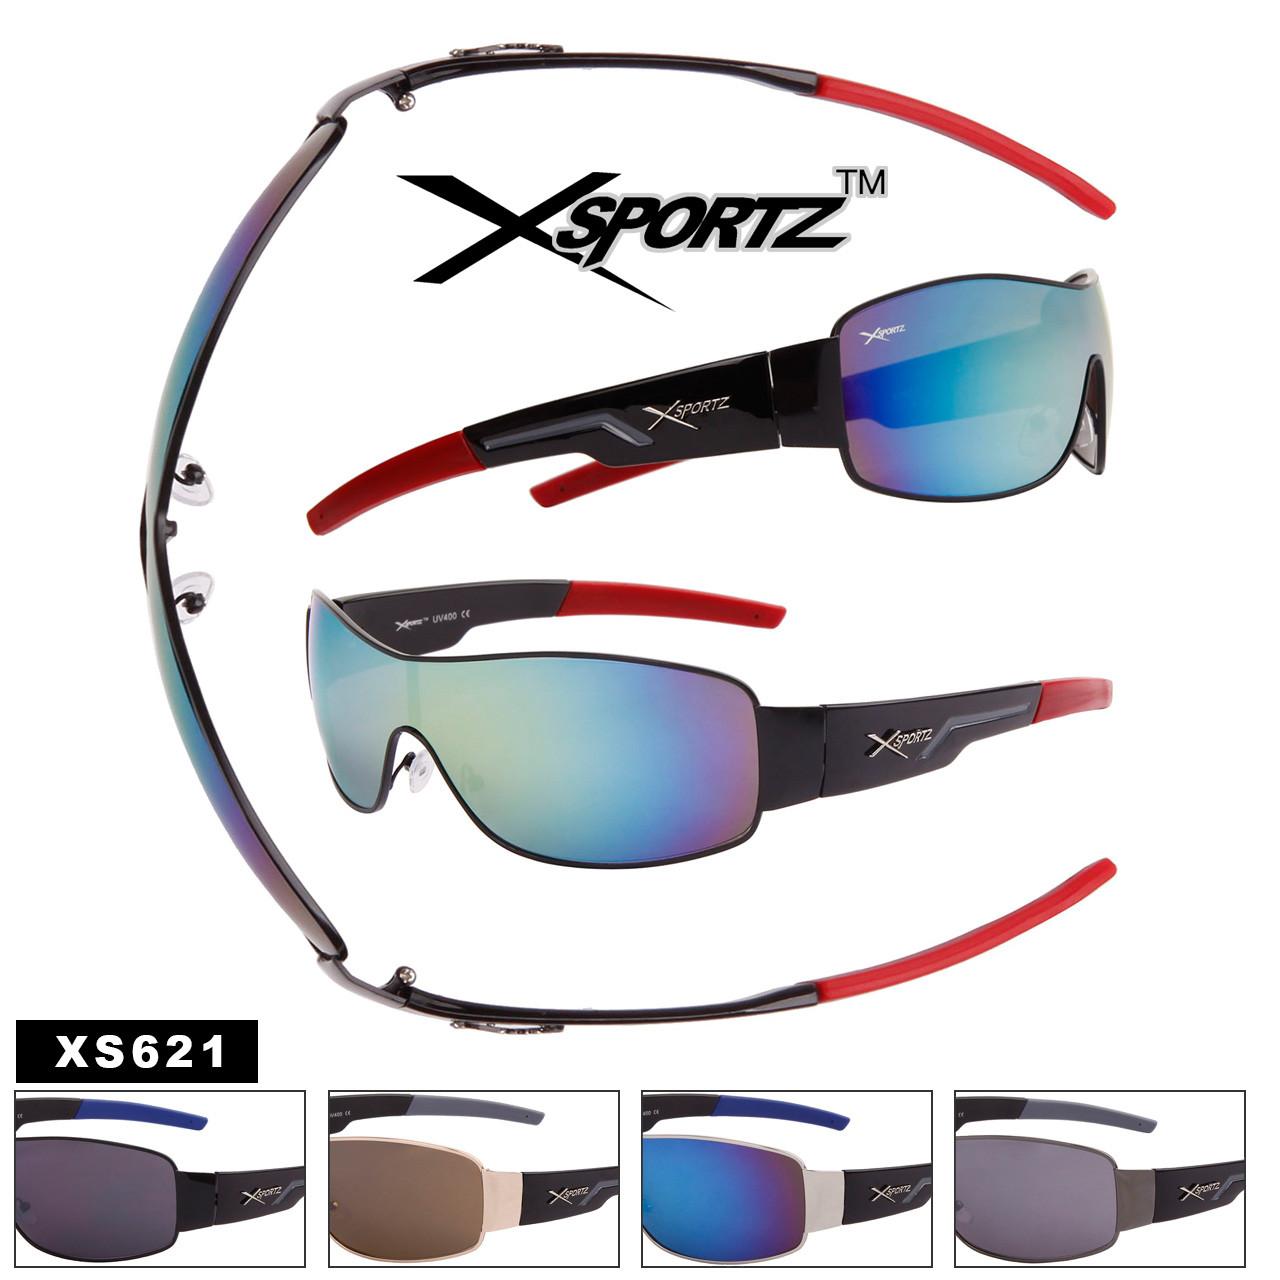 Xsportz™ Men's Single Piece Lens Sunglasses by the Dozen - Style #XS621